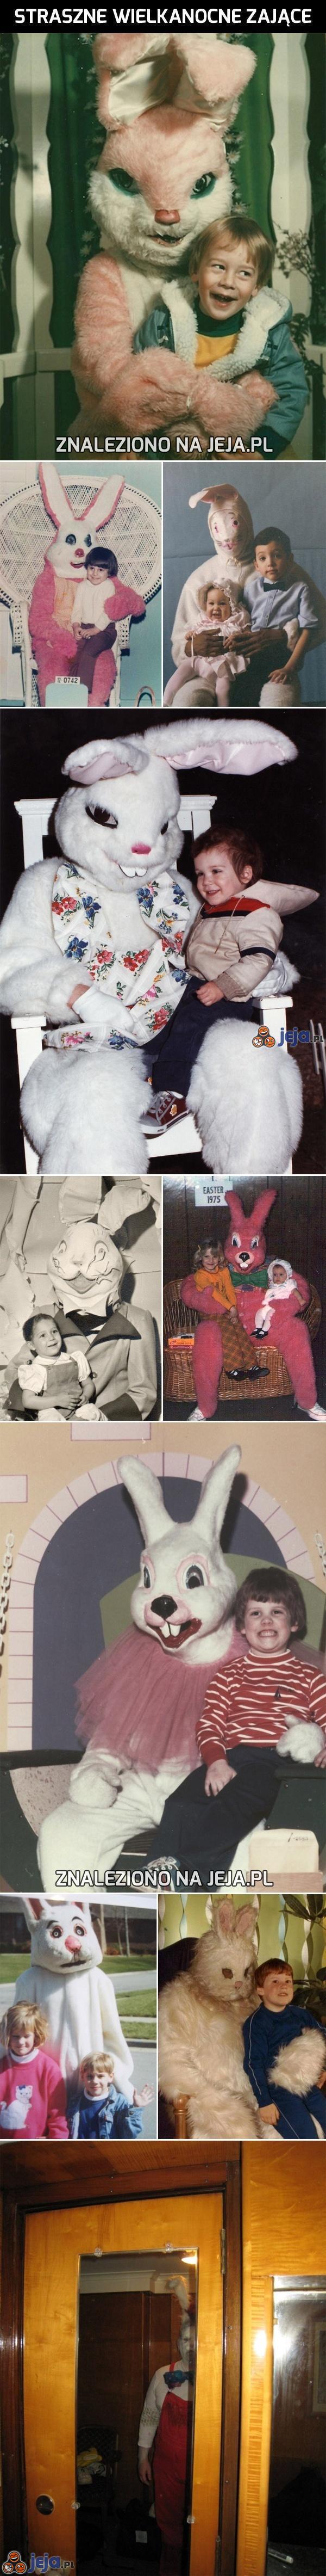 Straszne zające Wielkanocne cz.2